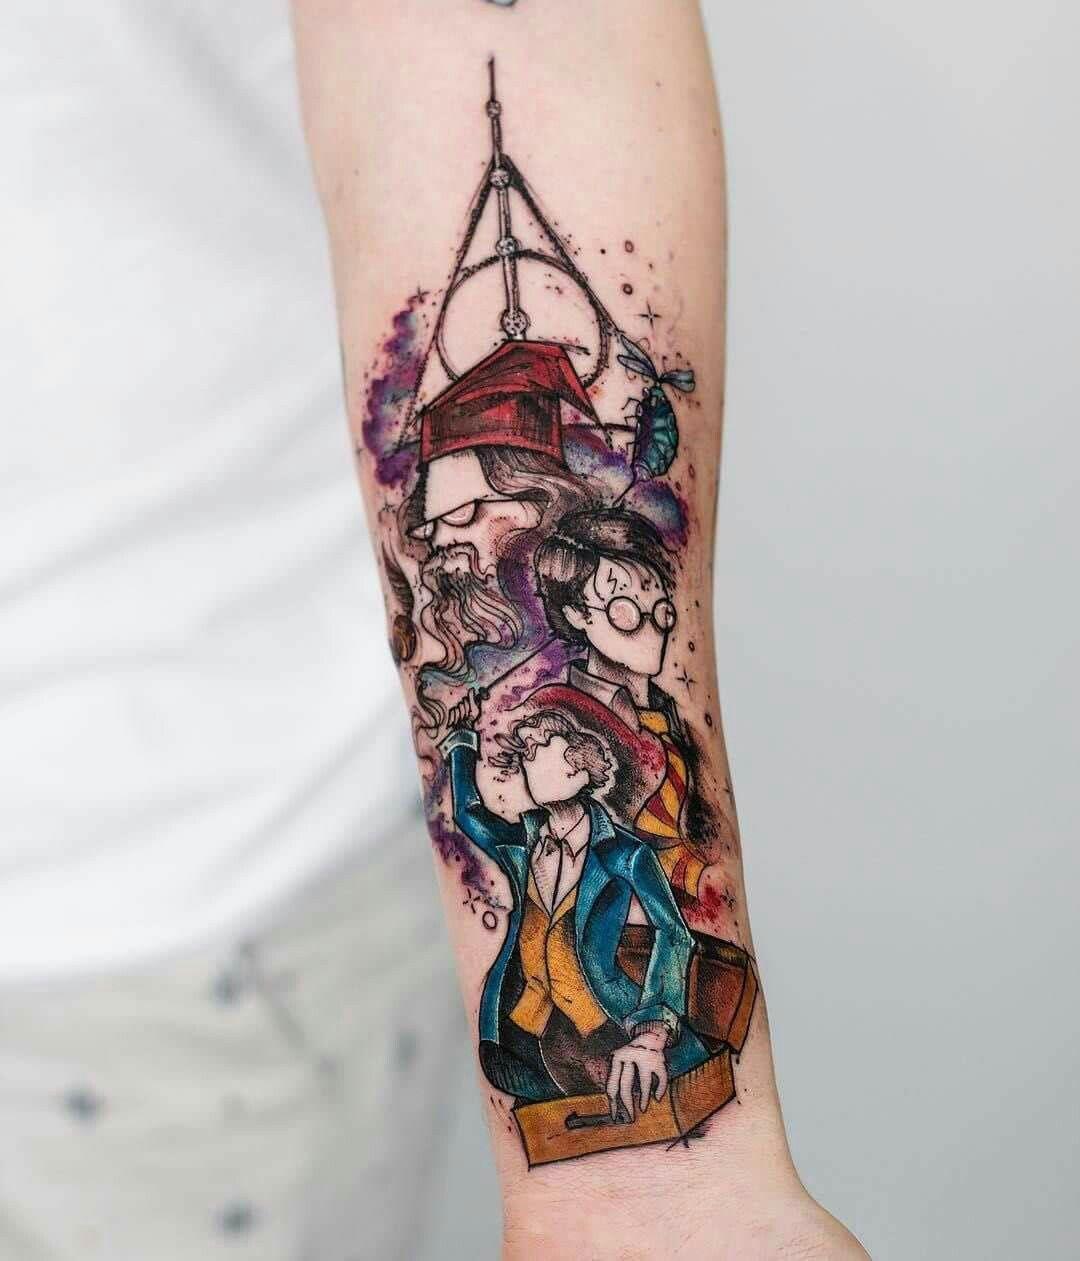 Harrypottertattoo Tattoo Ideas Harry Potter Tattoos Tattoos Hp Tattoo